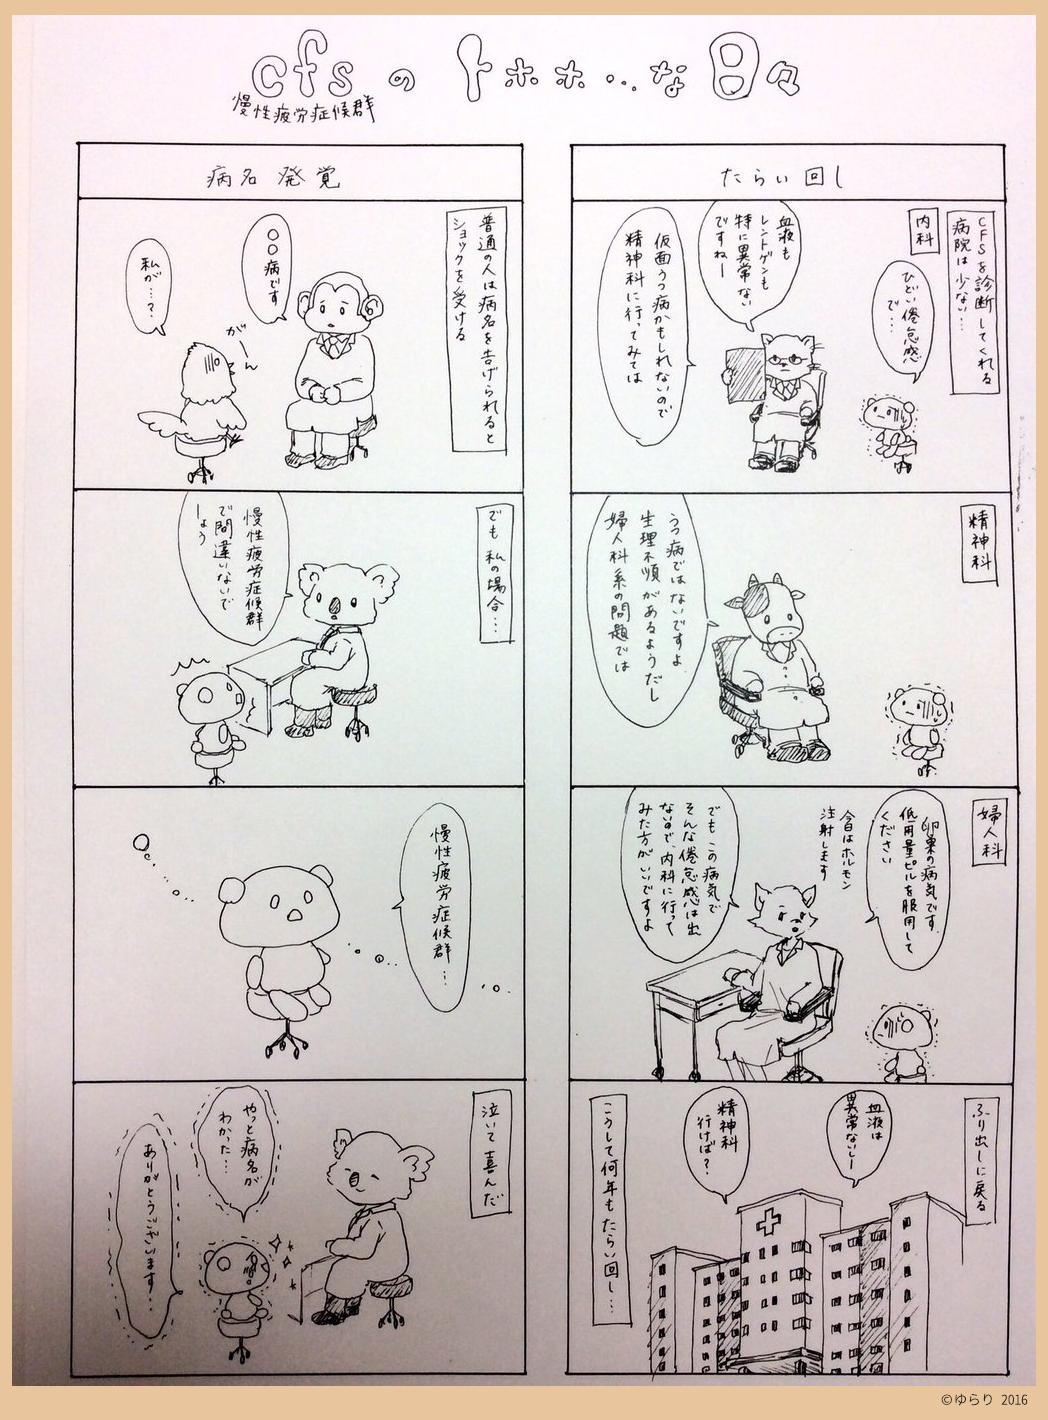 013_たらいまわし/病名発覚